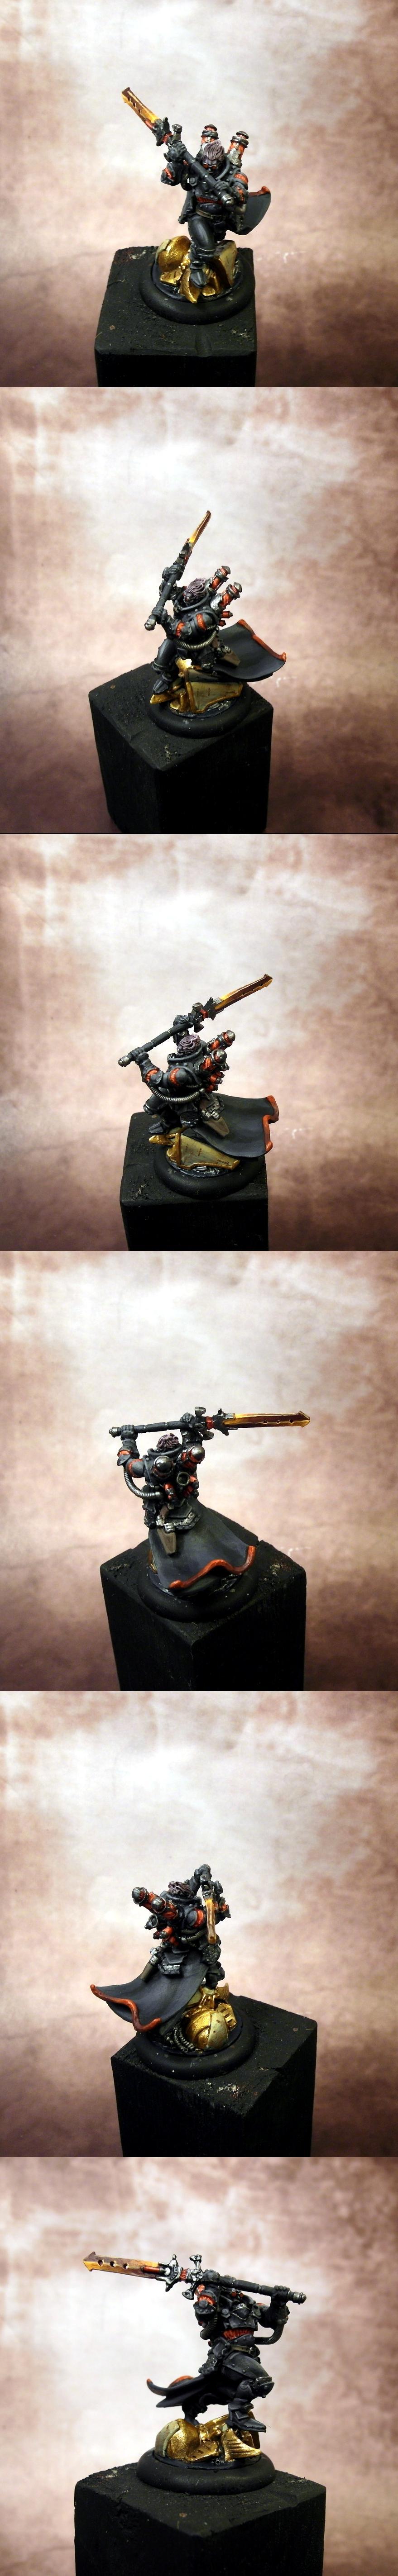 Aosol, Cygnar, Stryker, Warmachine